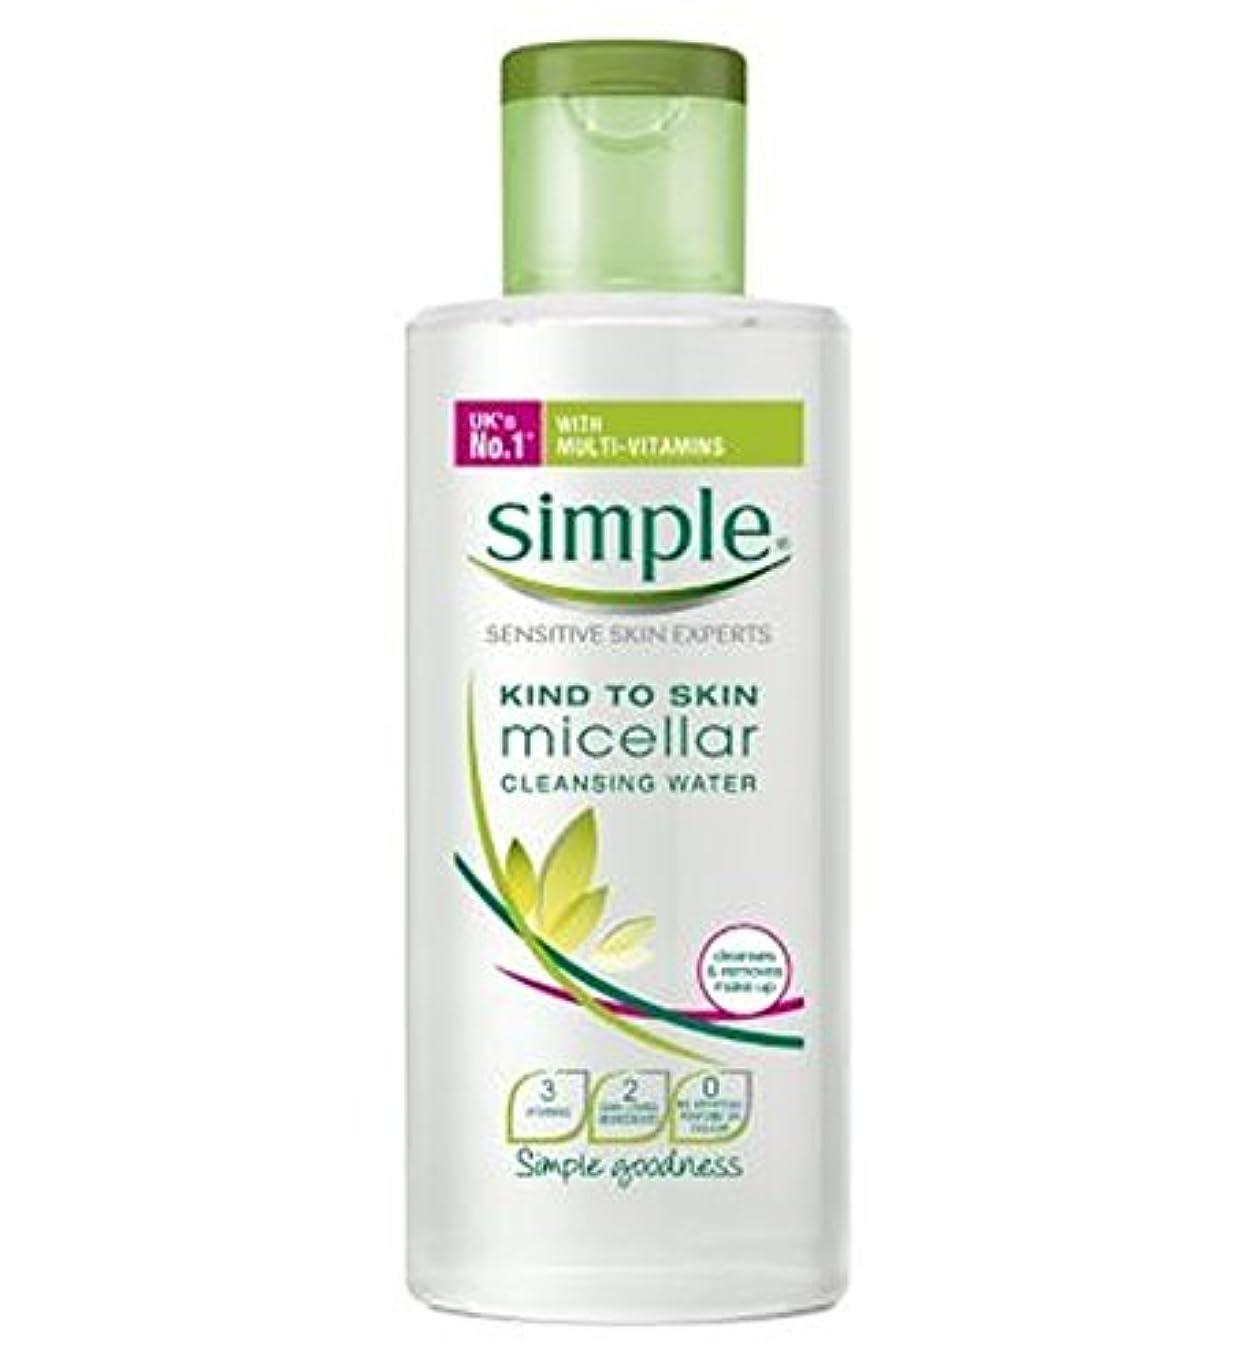 リーチ寛容スチュアート島皮膚ミセル洗浄水200ミリリットルに簡単な種類 (Simple) (x2) - Simple Kind To Skin Micellar Cleansing Water 200ml (Pack of 2) [並行輸入品]